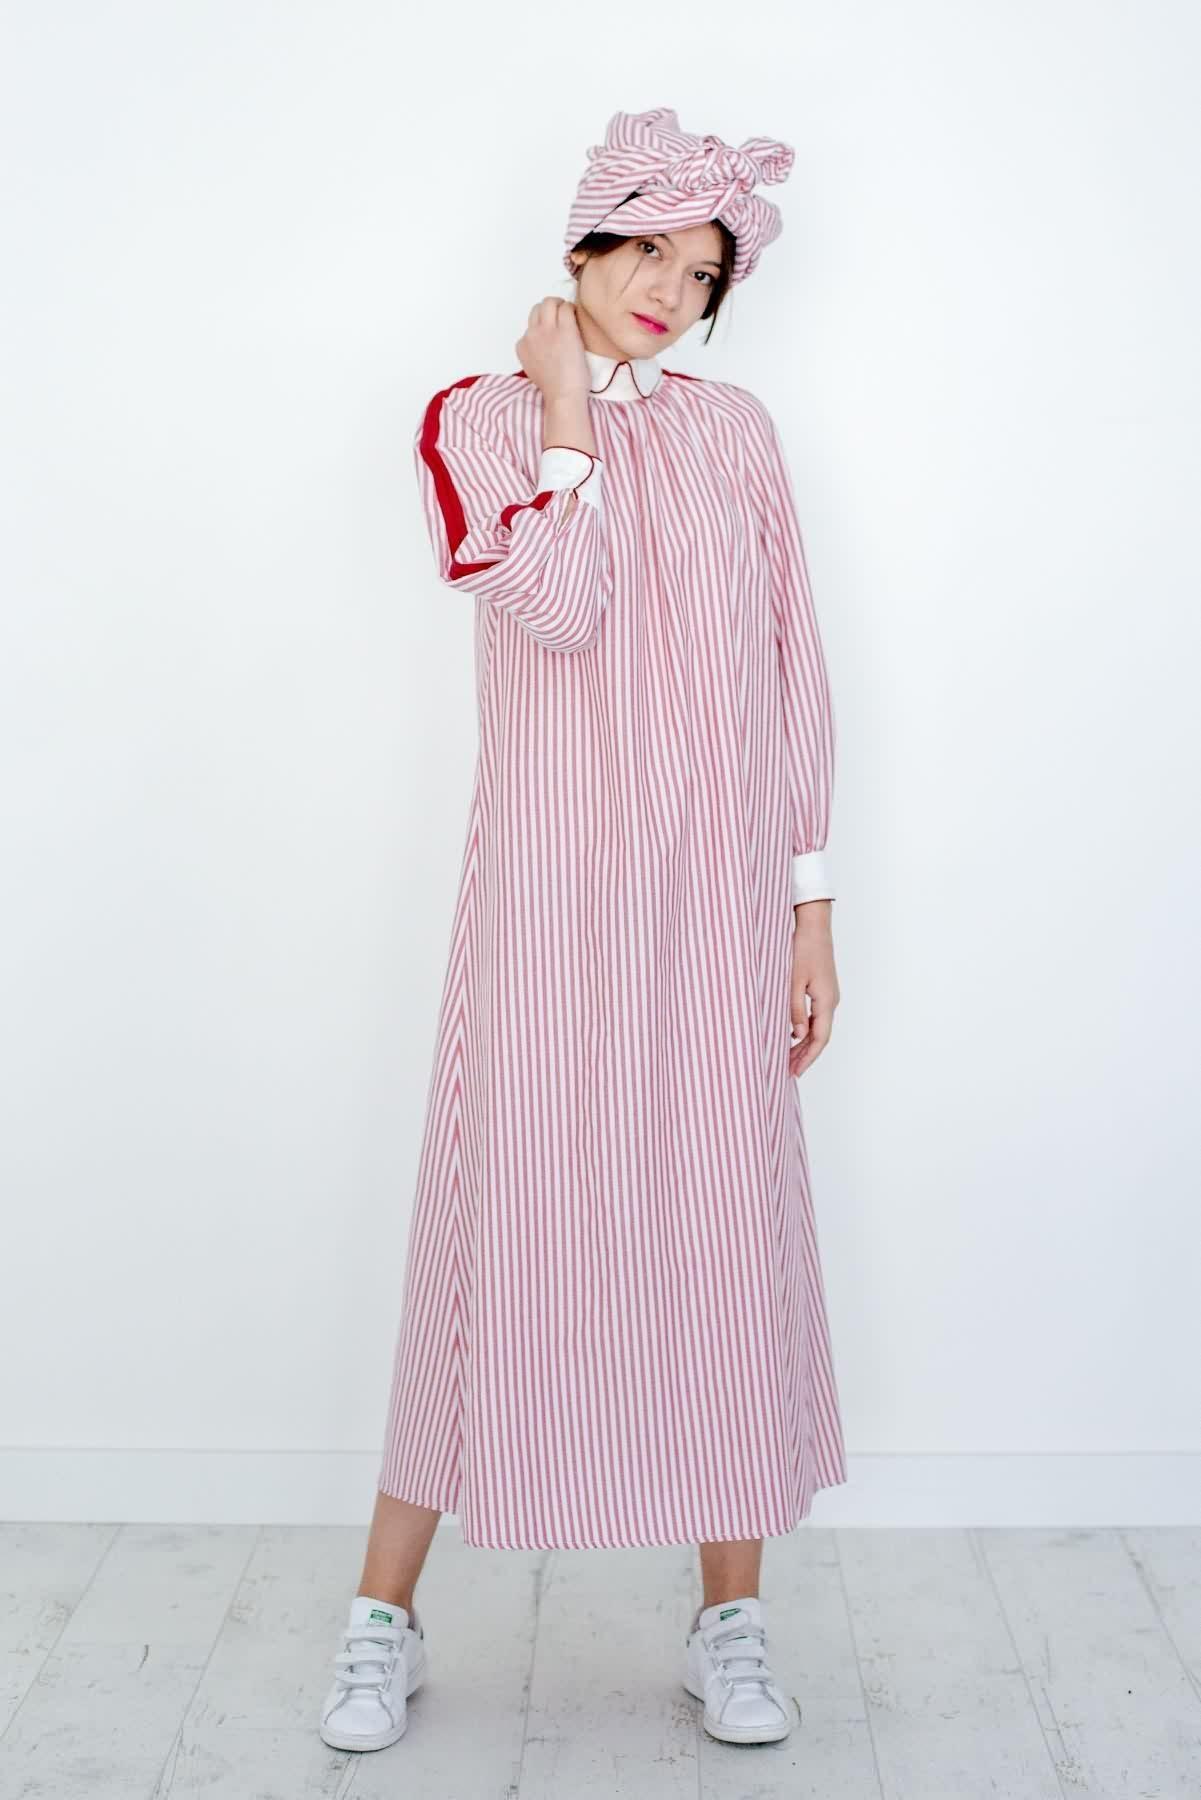 Mevra - Biyeli Poplin Çizgili Elbise Kırmızı